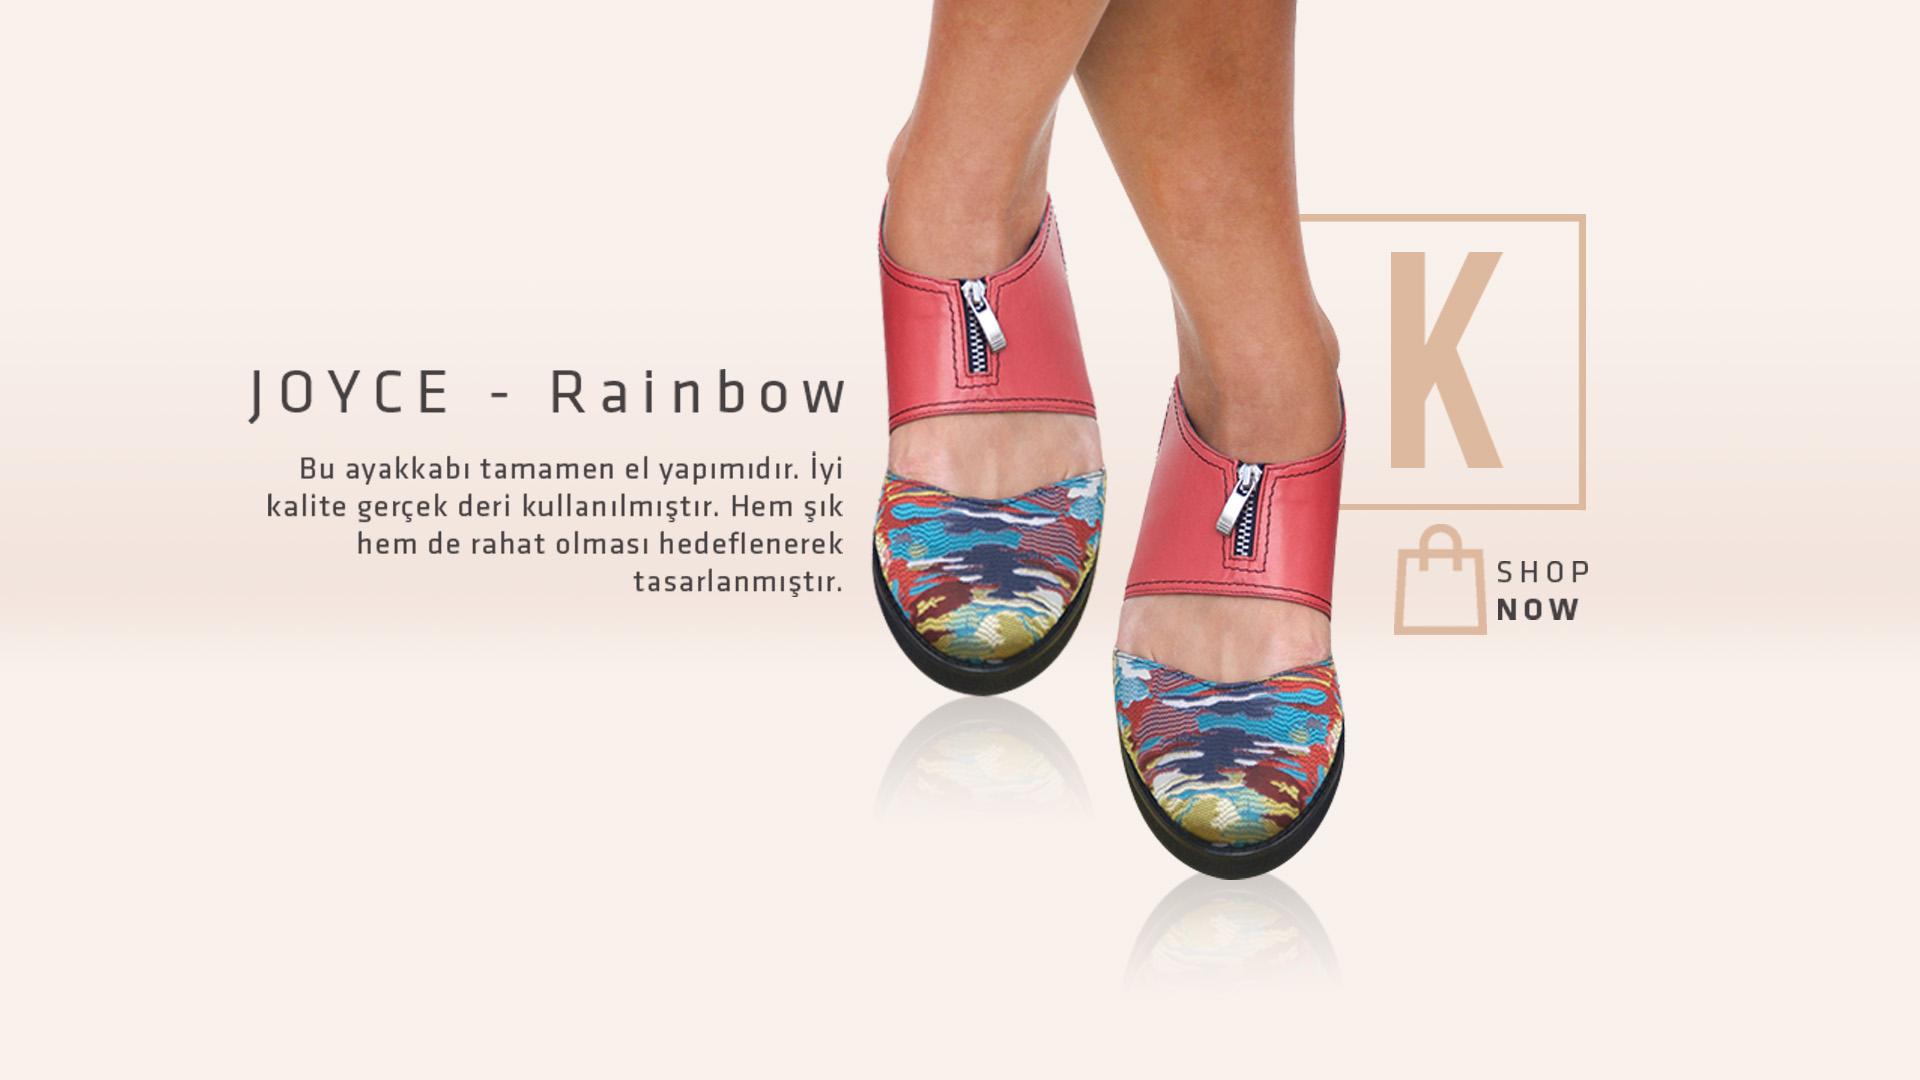 Keyman Shoes